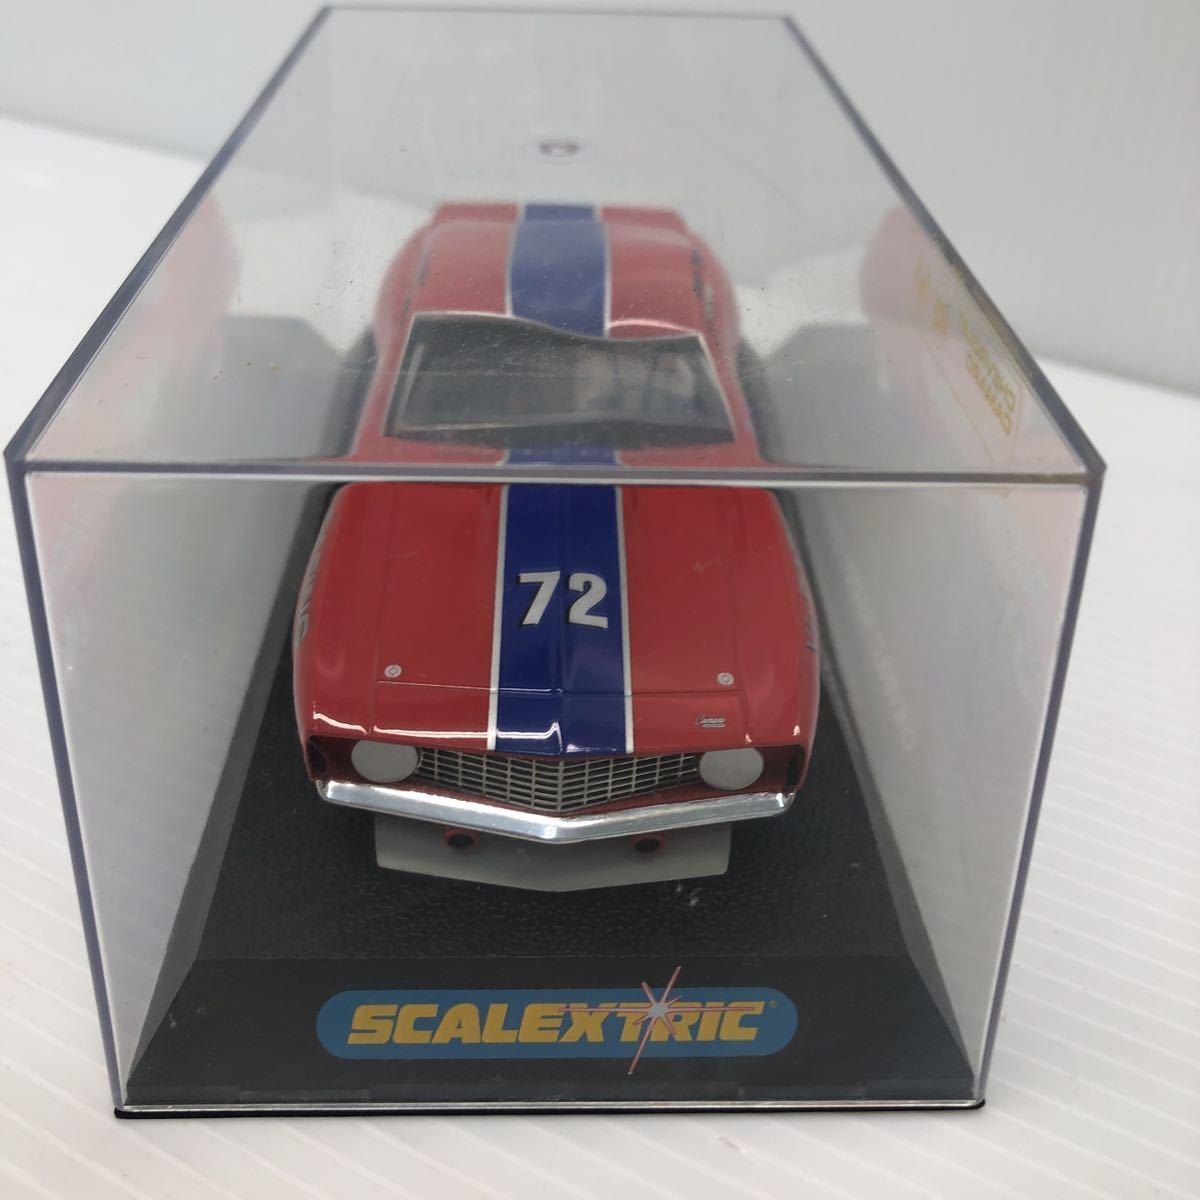 SCALEXTRIC スケーレックストリック Chevrolet CAMARO シボレー カマロ C2399 1969 NO6 スロットカー_画像5